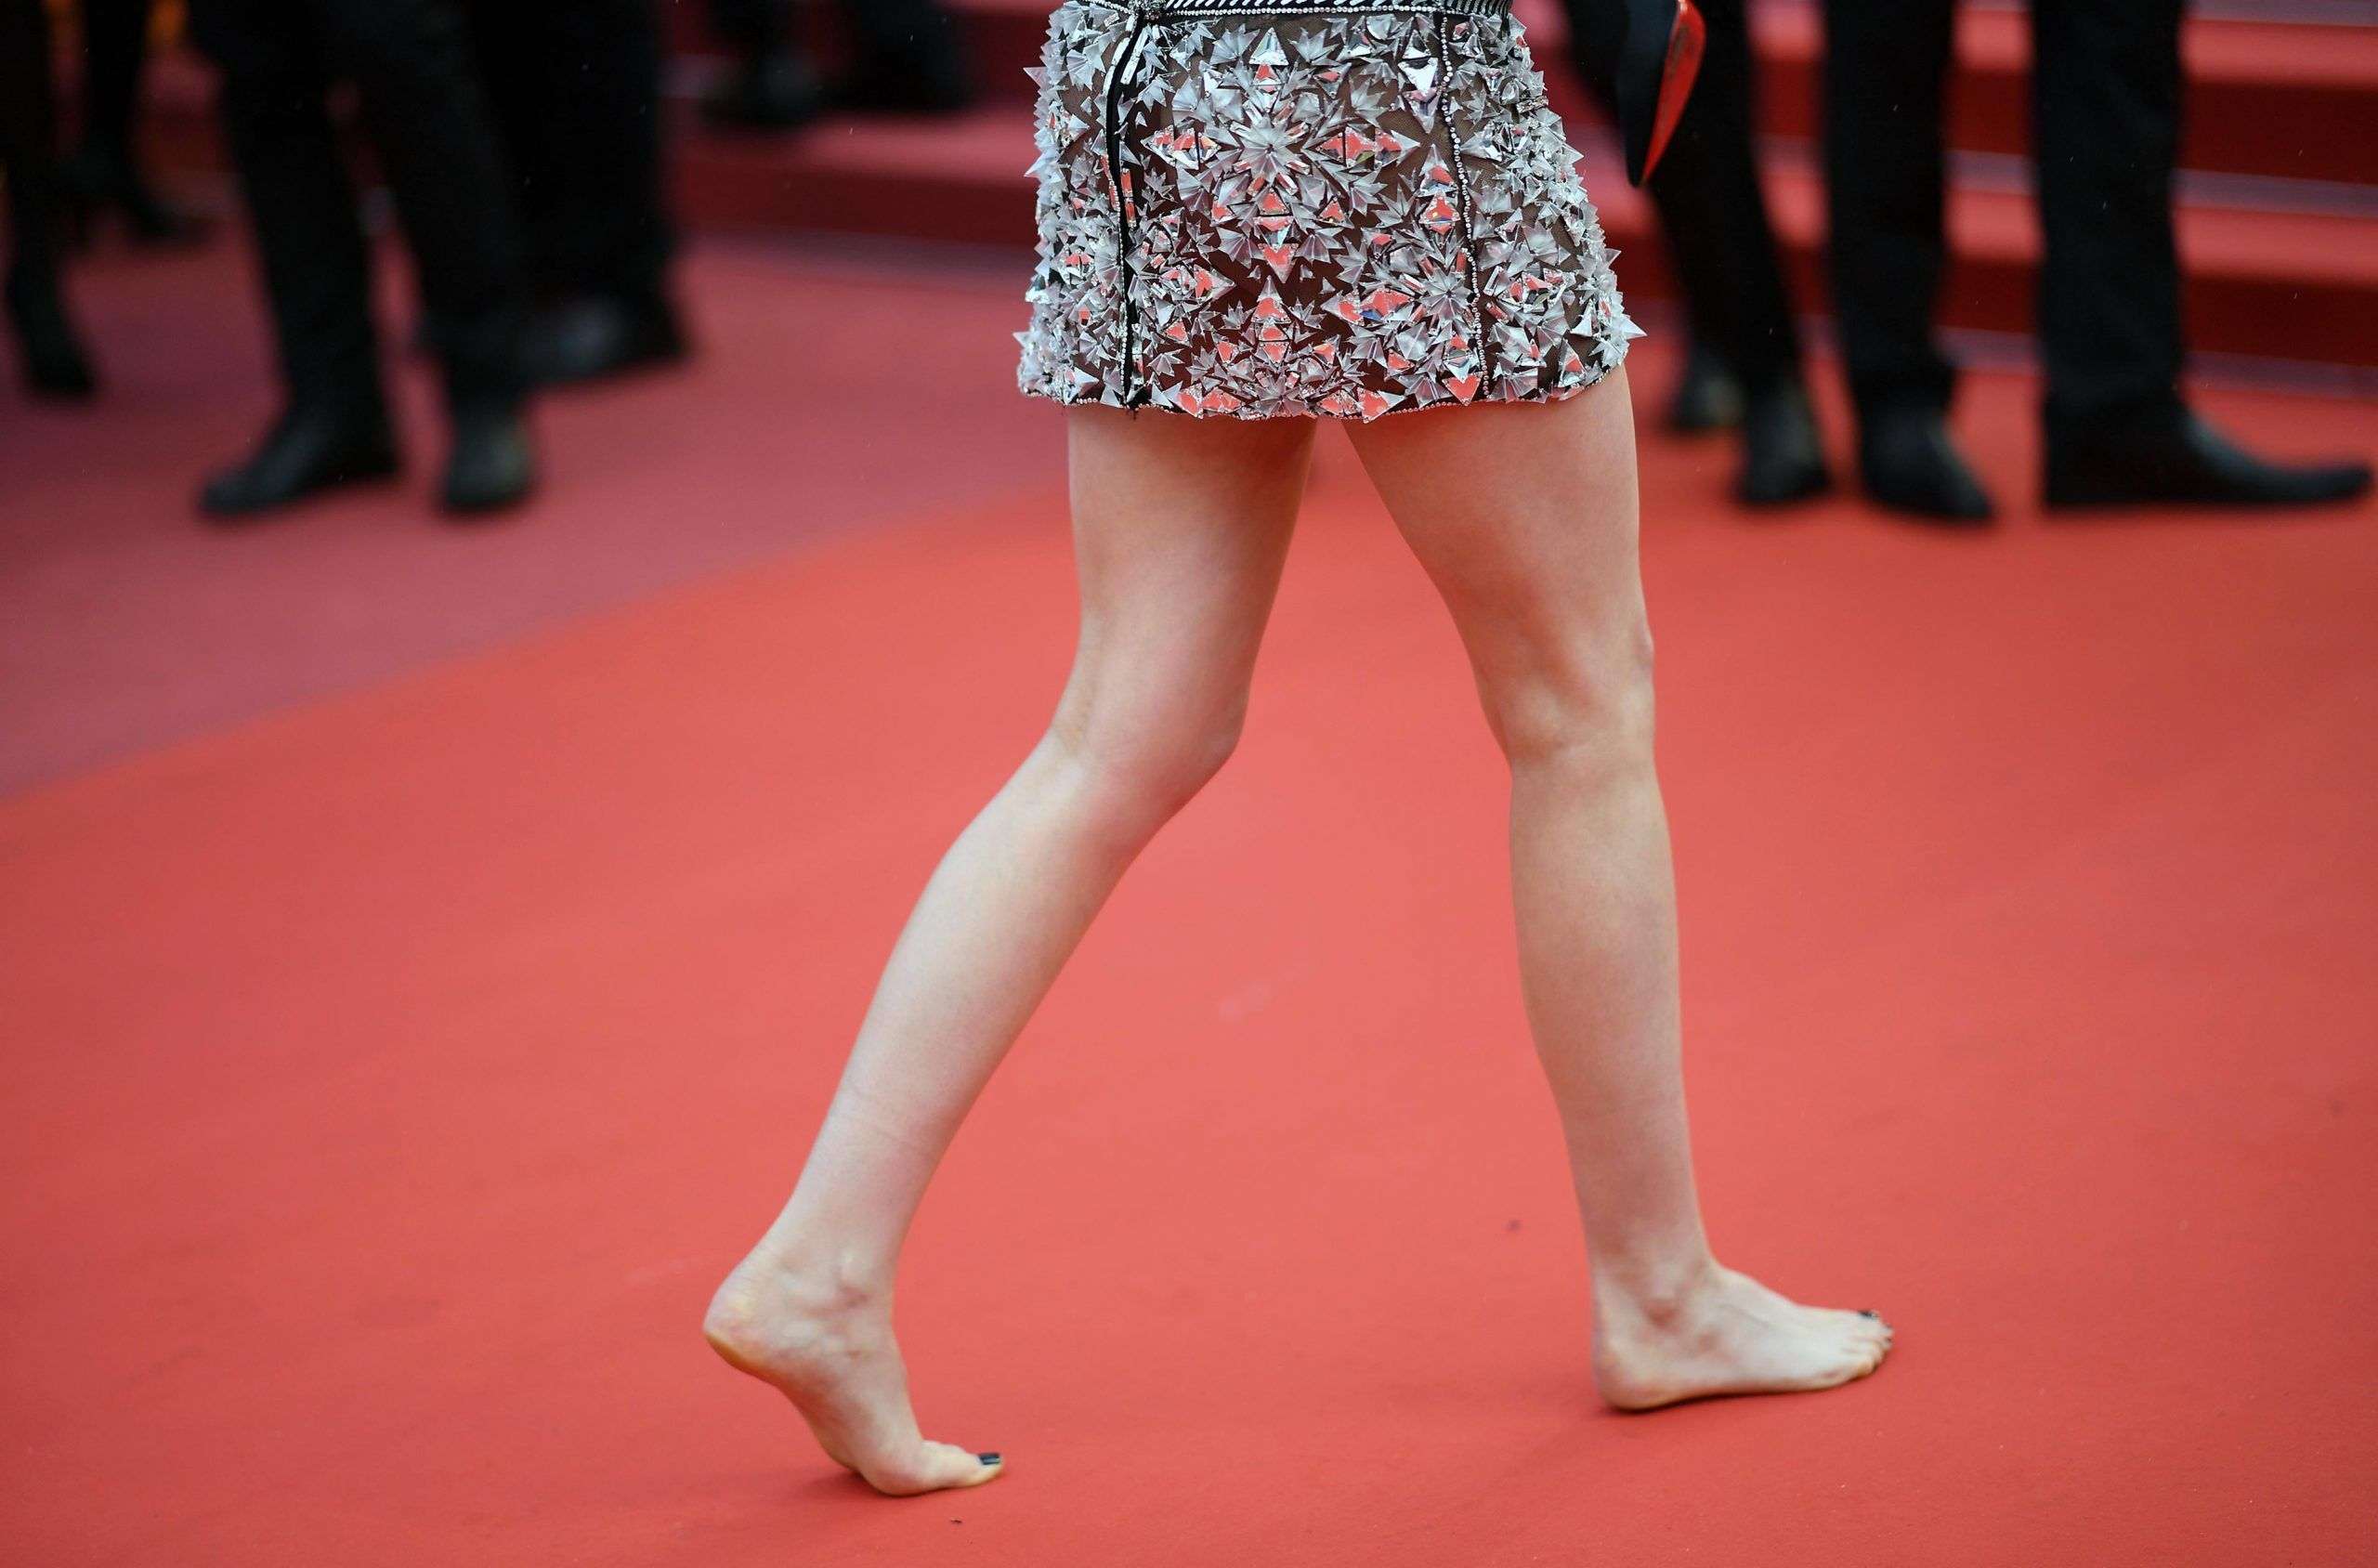 0303051210632 245 Kristen Stewart Nude Feet Porn Leaked Hot